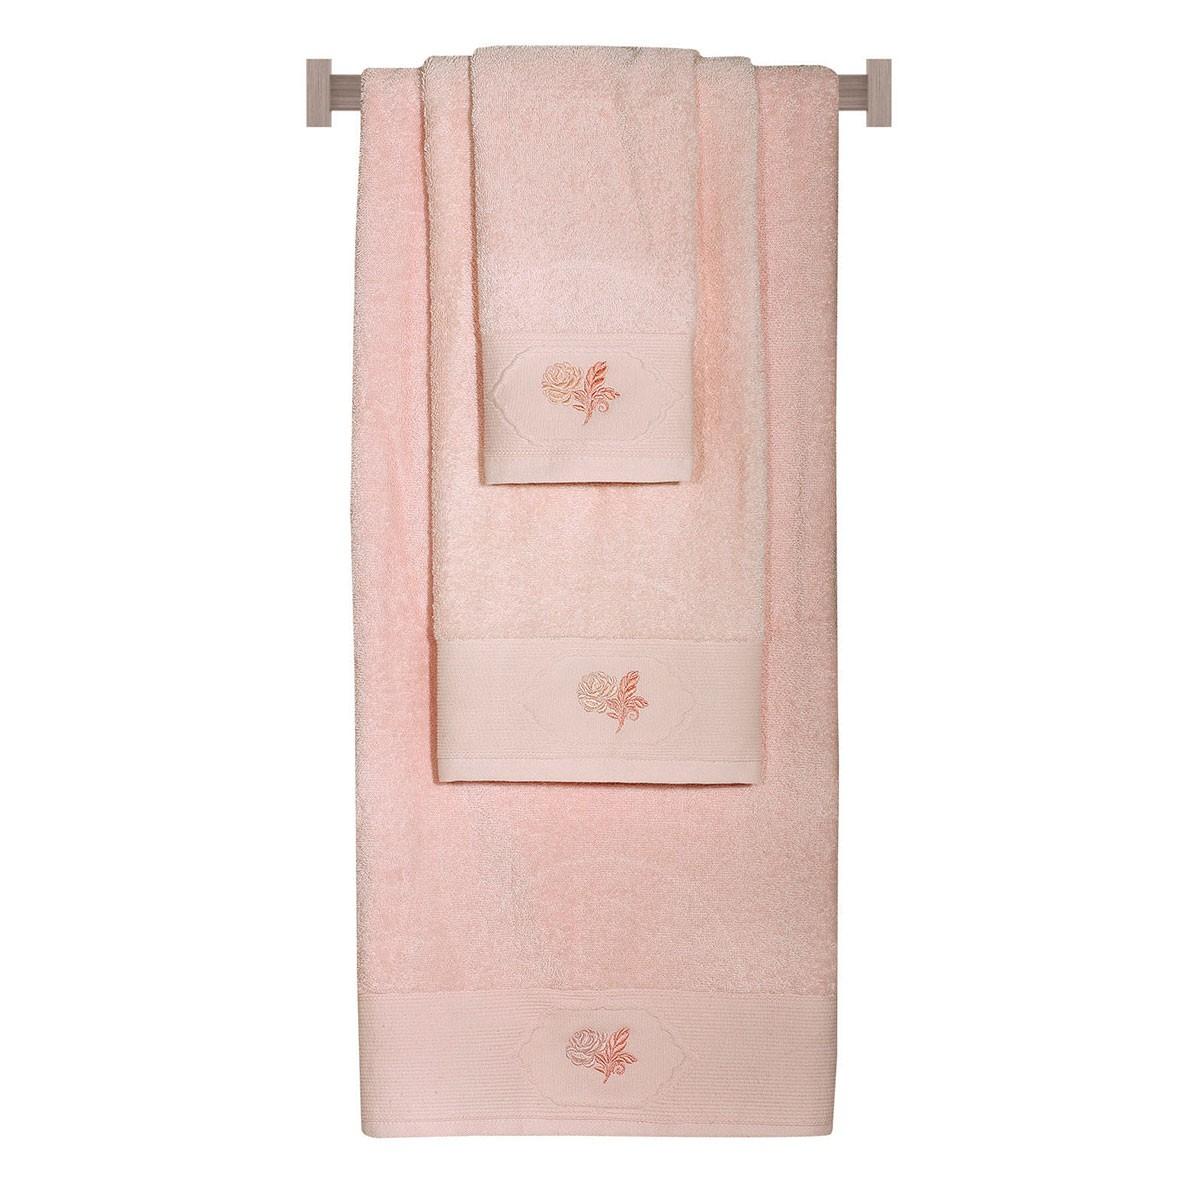 Πετσέτες Μπάνιου (Σετ 3τμχ) Das Home Happy 299